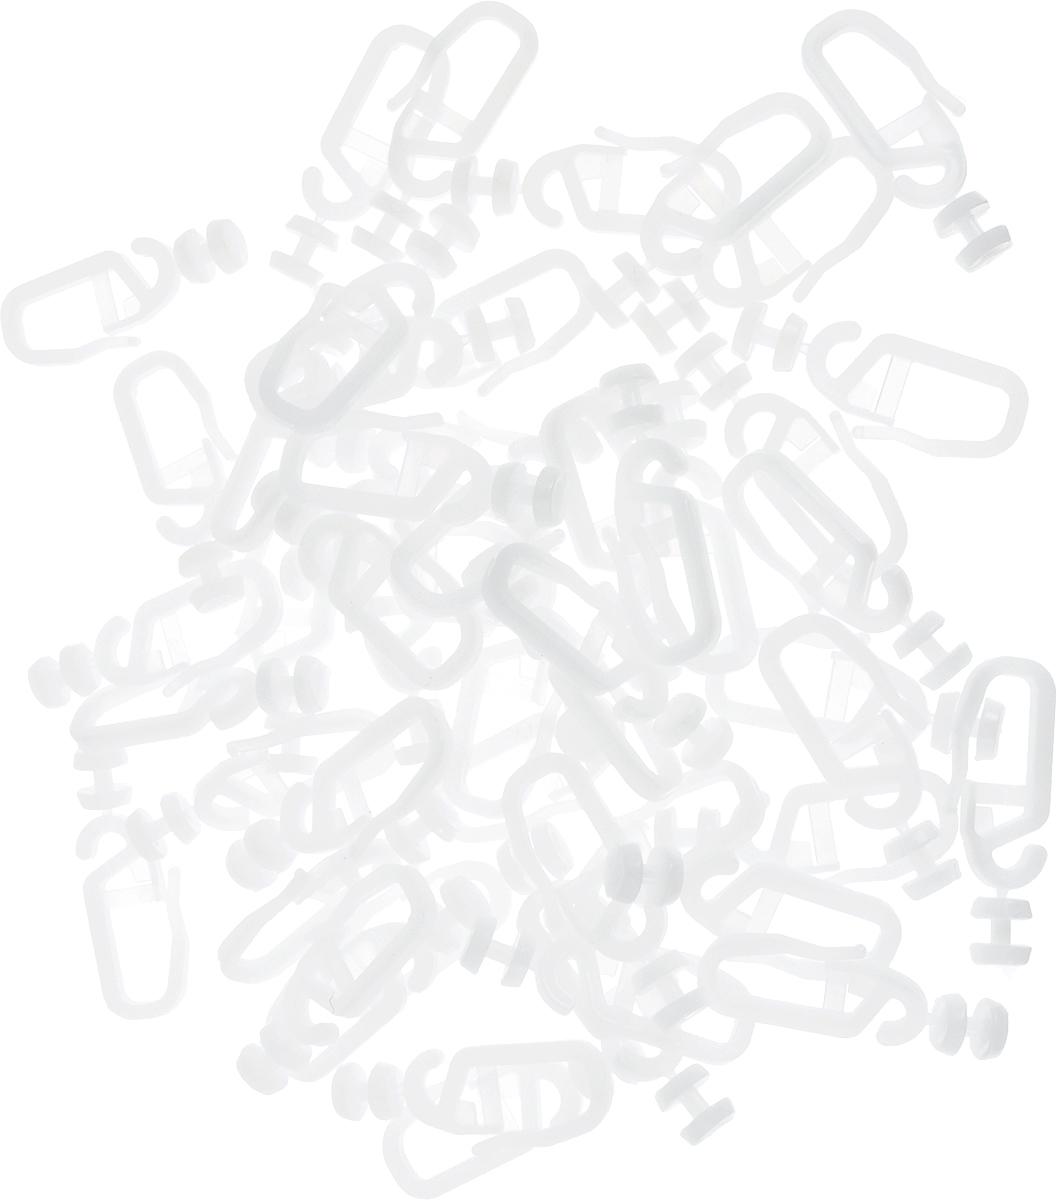 Крючок роликовый Эскар, 50 шт20004Роликовые крючки Эскар, выполненные из пластика, закрепления штор на карнизе. Ролик свободно поворачивается в шине даже под тяжестью шторы и тем самым обеспечивает легкое и бесшумное перемещение. Комплектация: 50 шт. Длина крючка: 3,7 см.